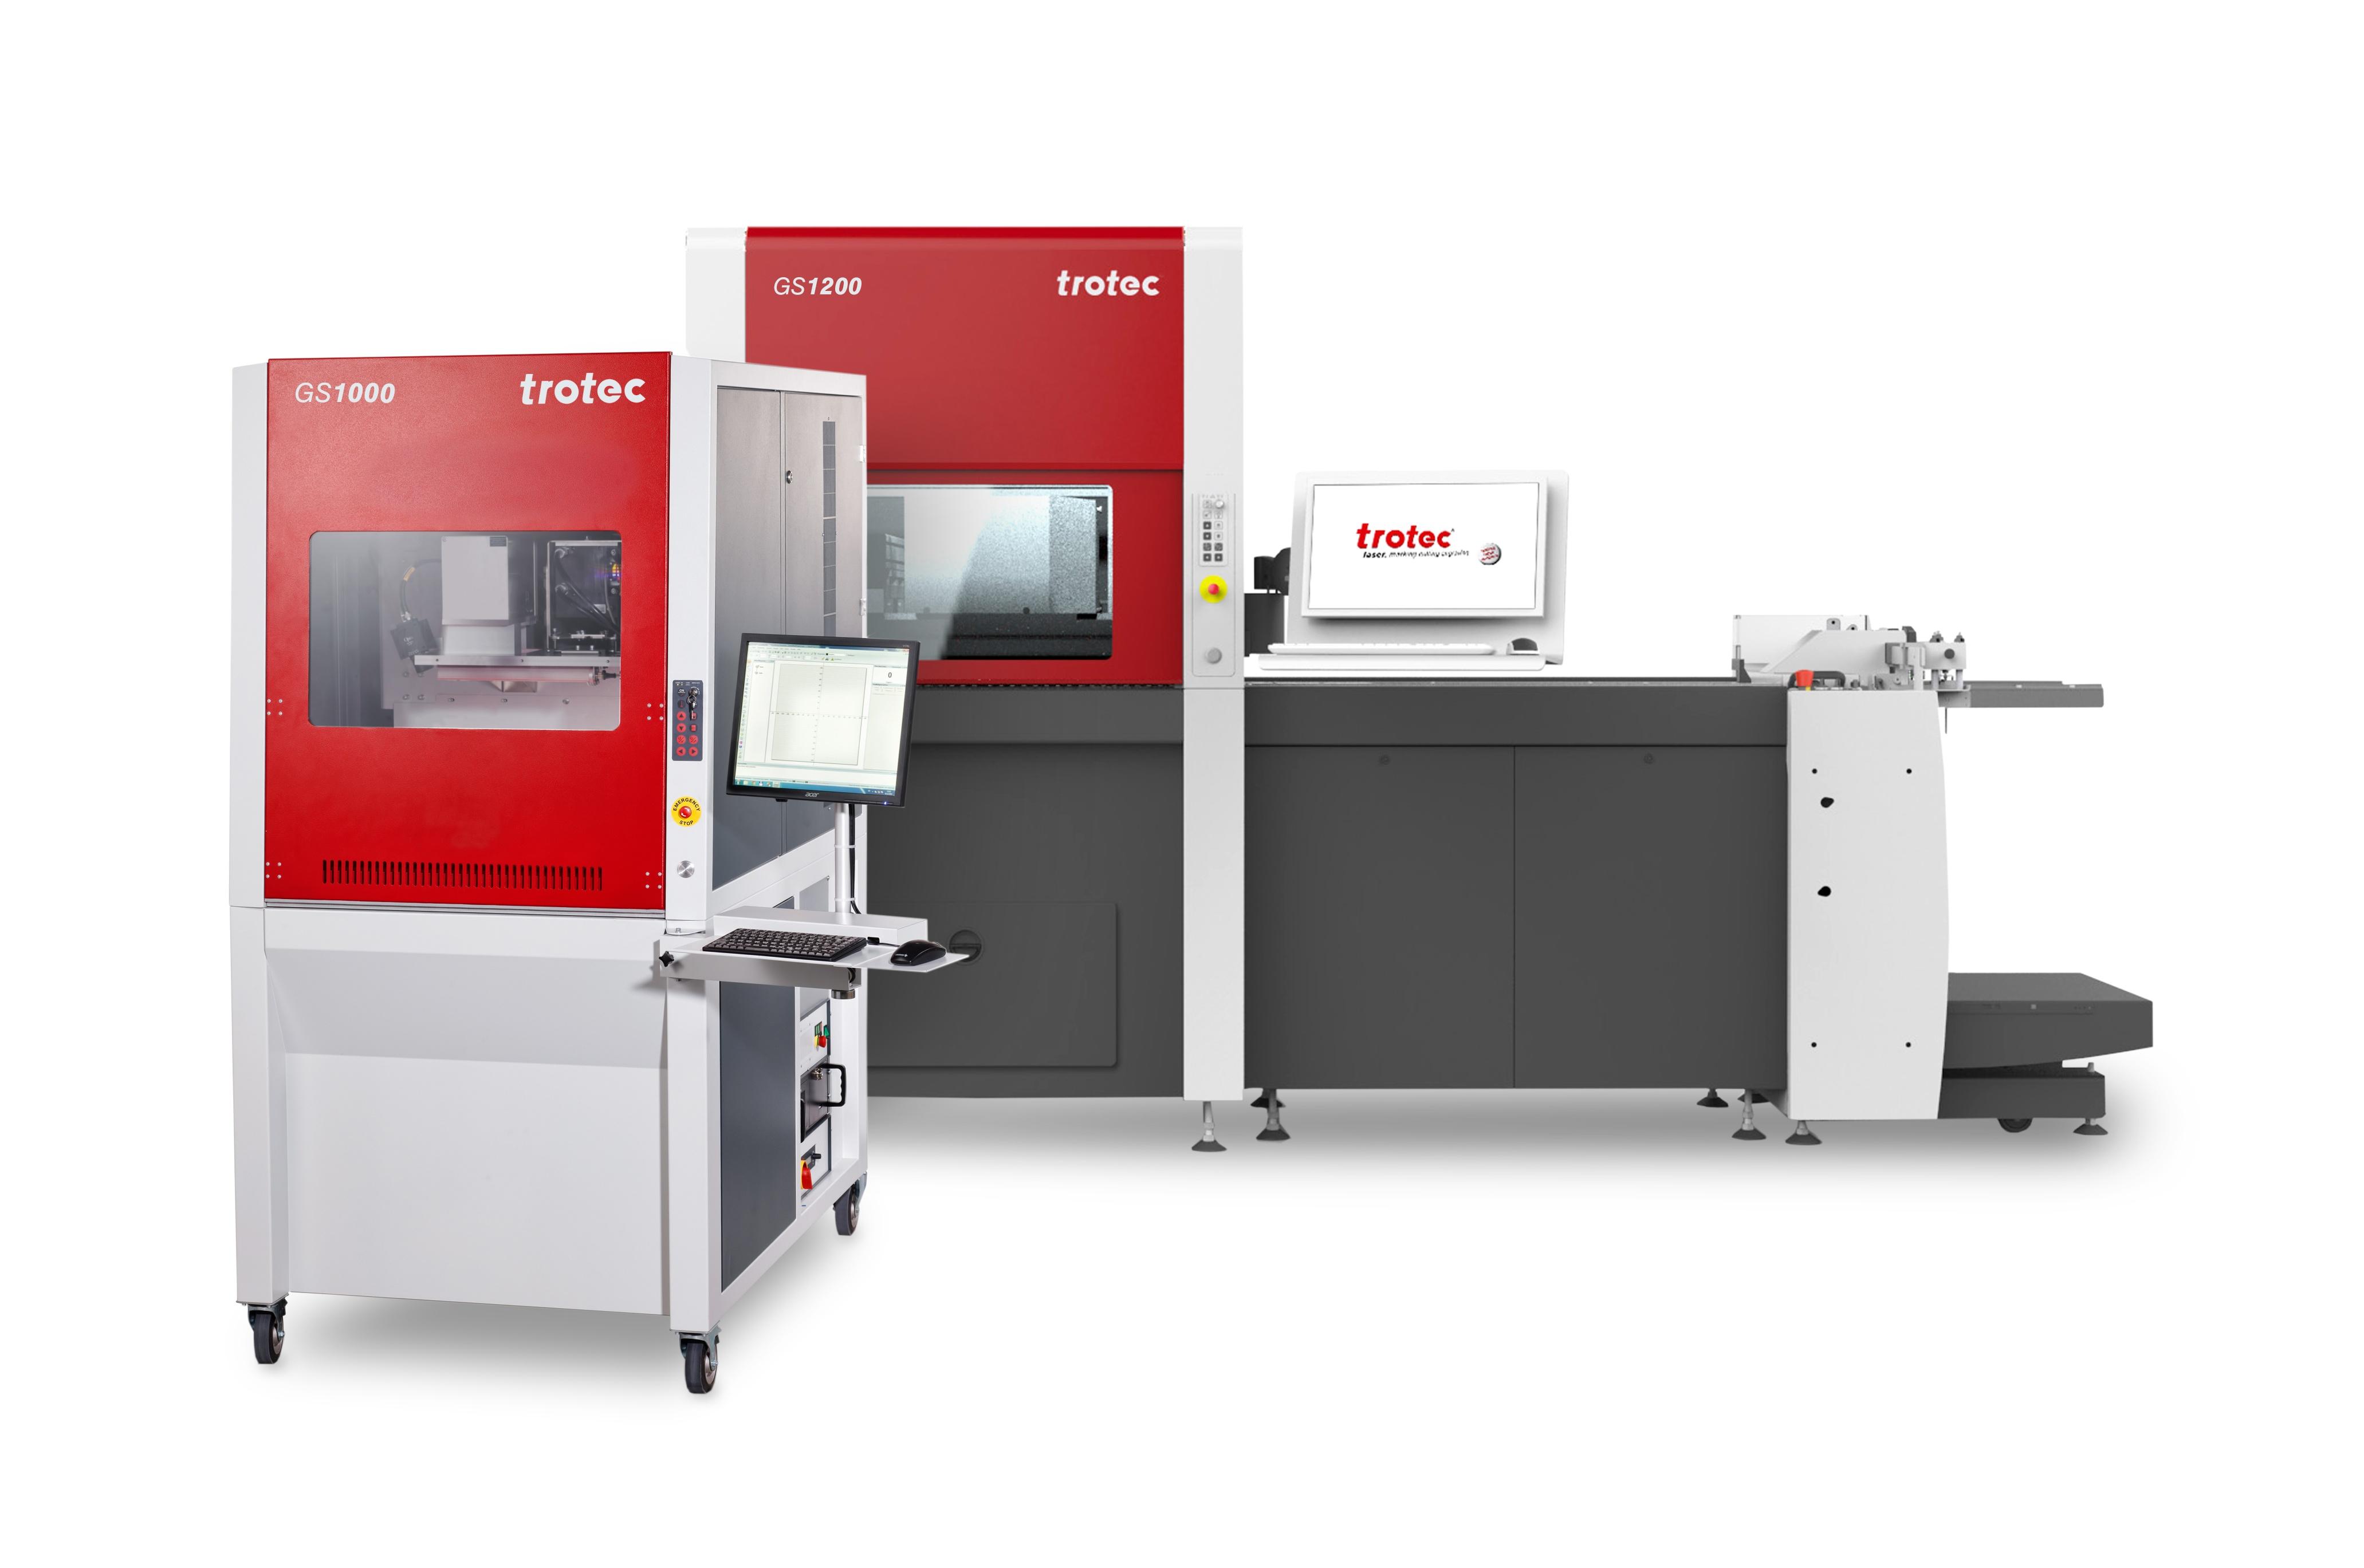 Die GS Lasersysteme eignen sich für sekundenschnelles Laser-Schneiden und hochvolumiges Papierfinish...